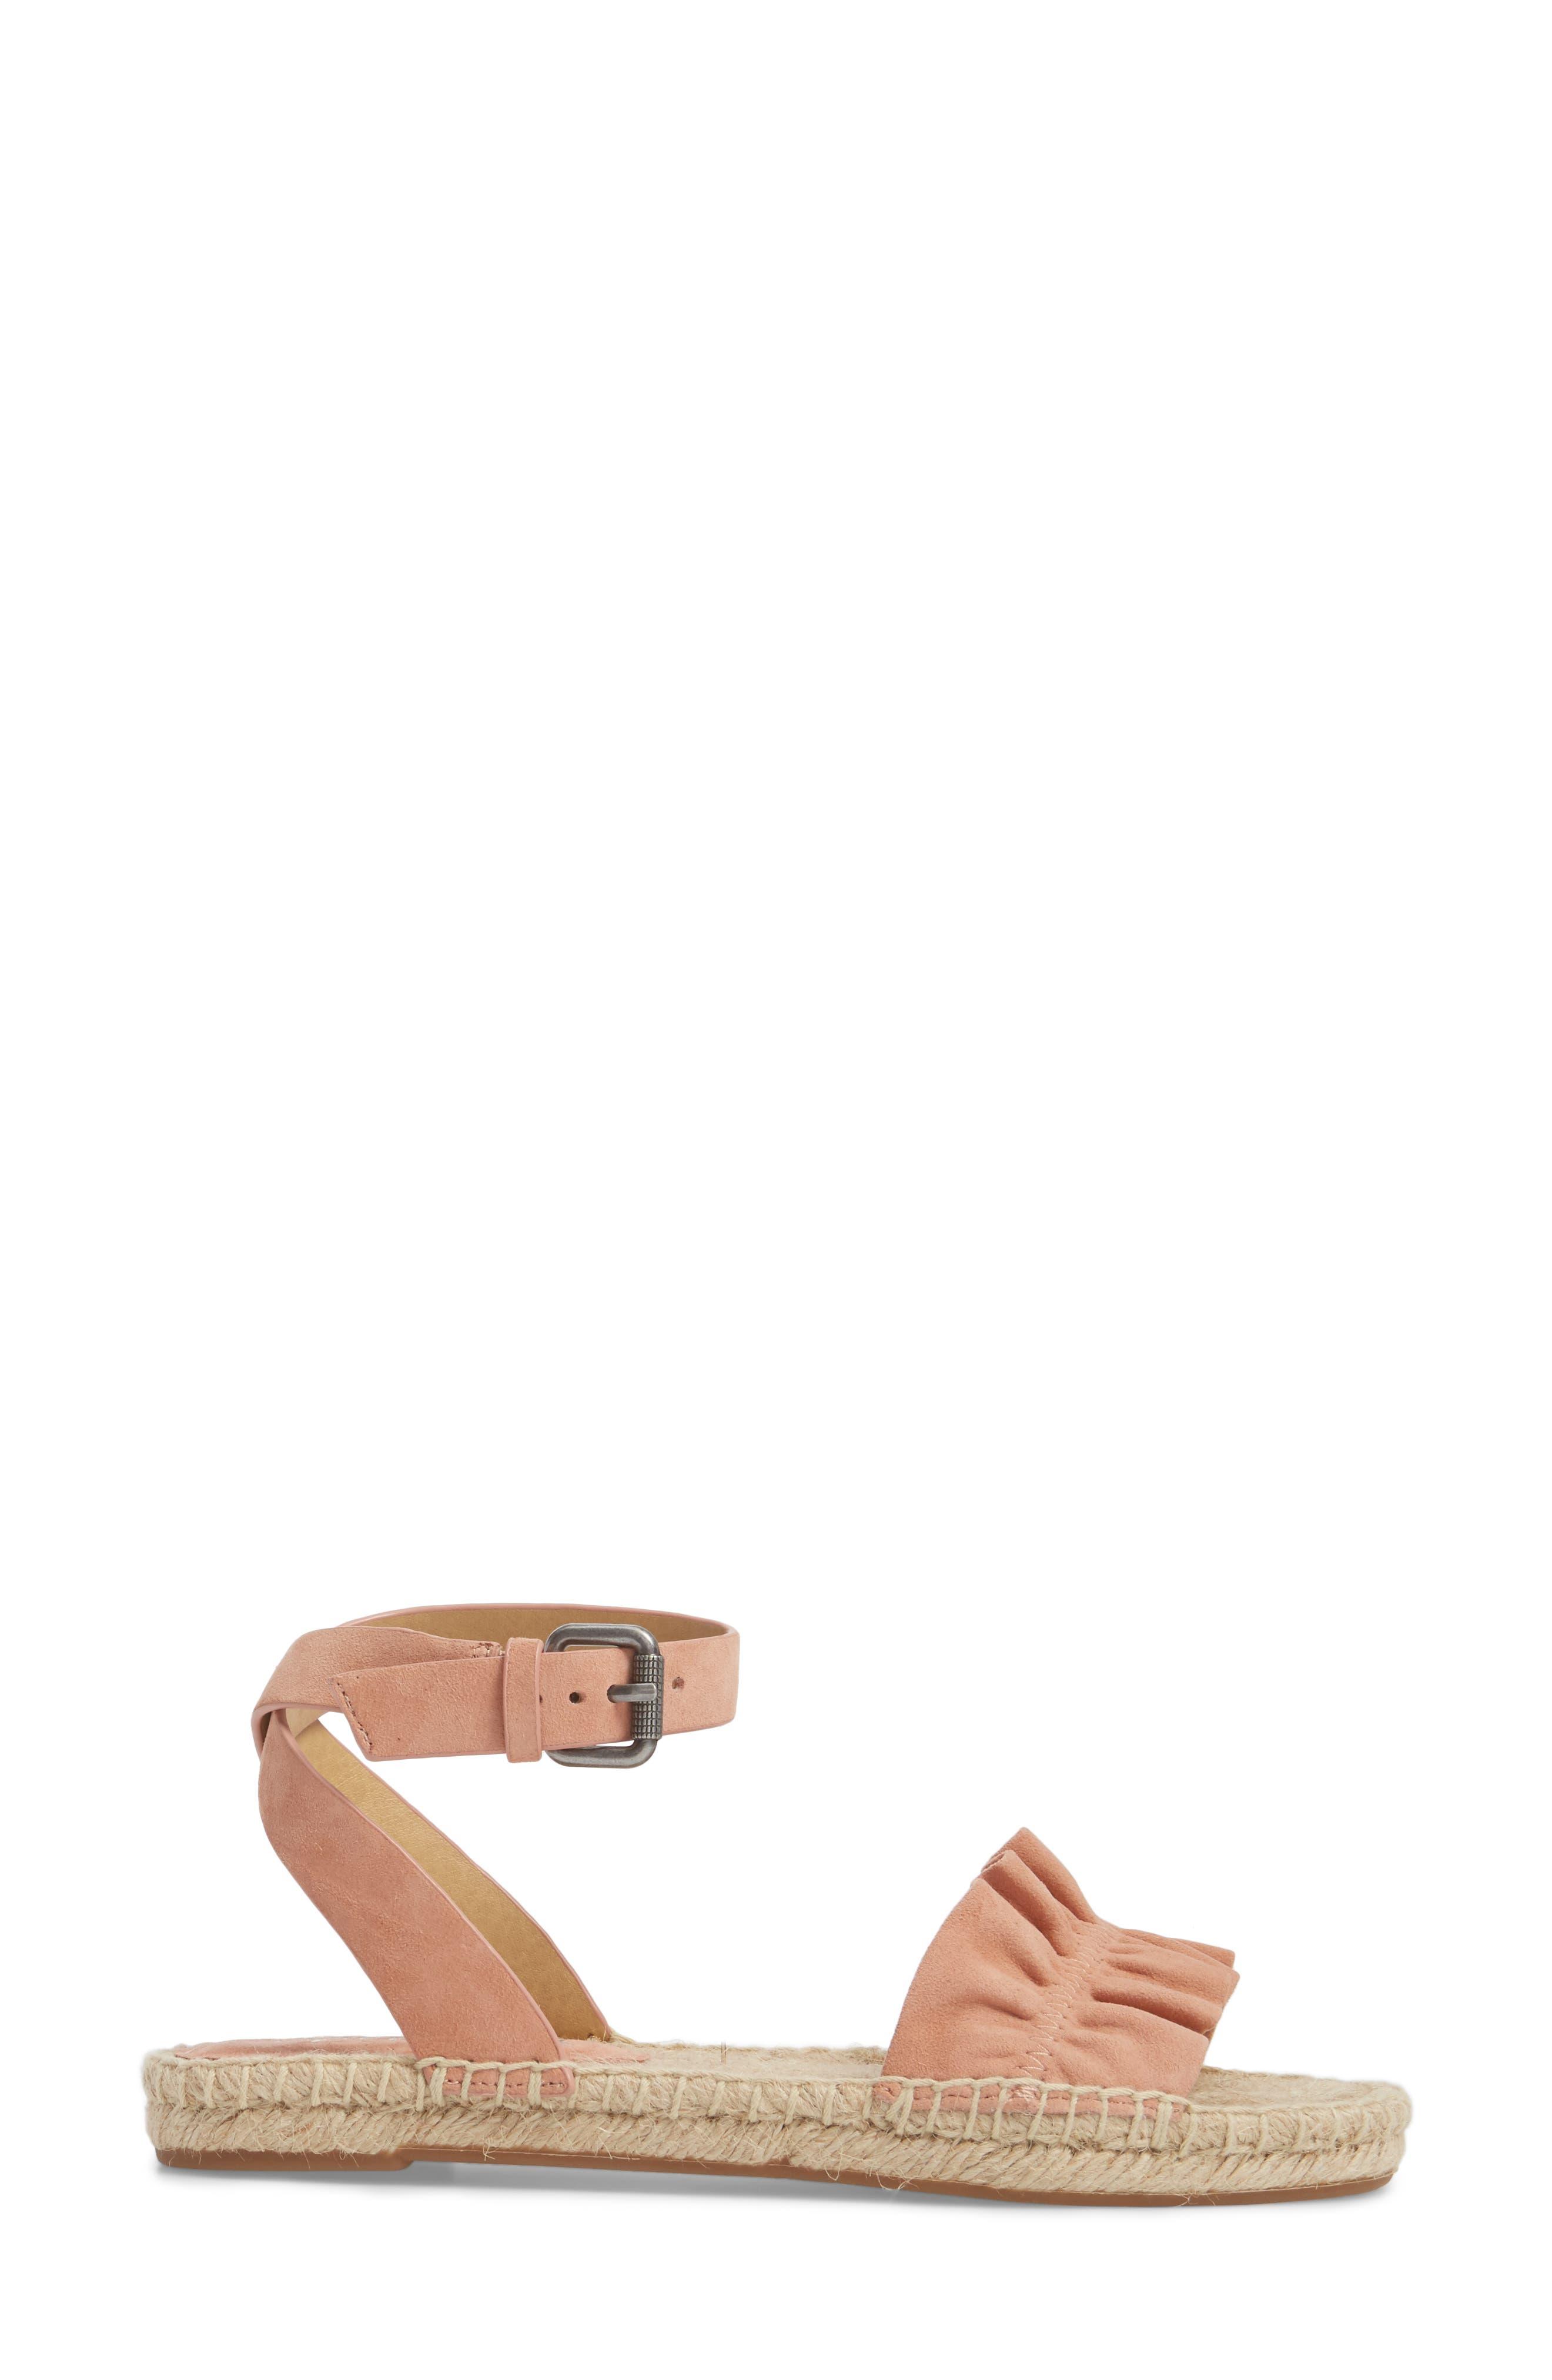 Alternate Image 3  - Splendid Becca Ruffled Espadrille Sandal (Women)